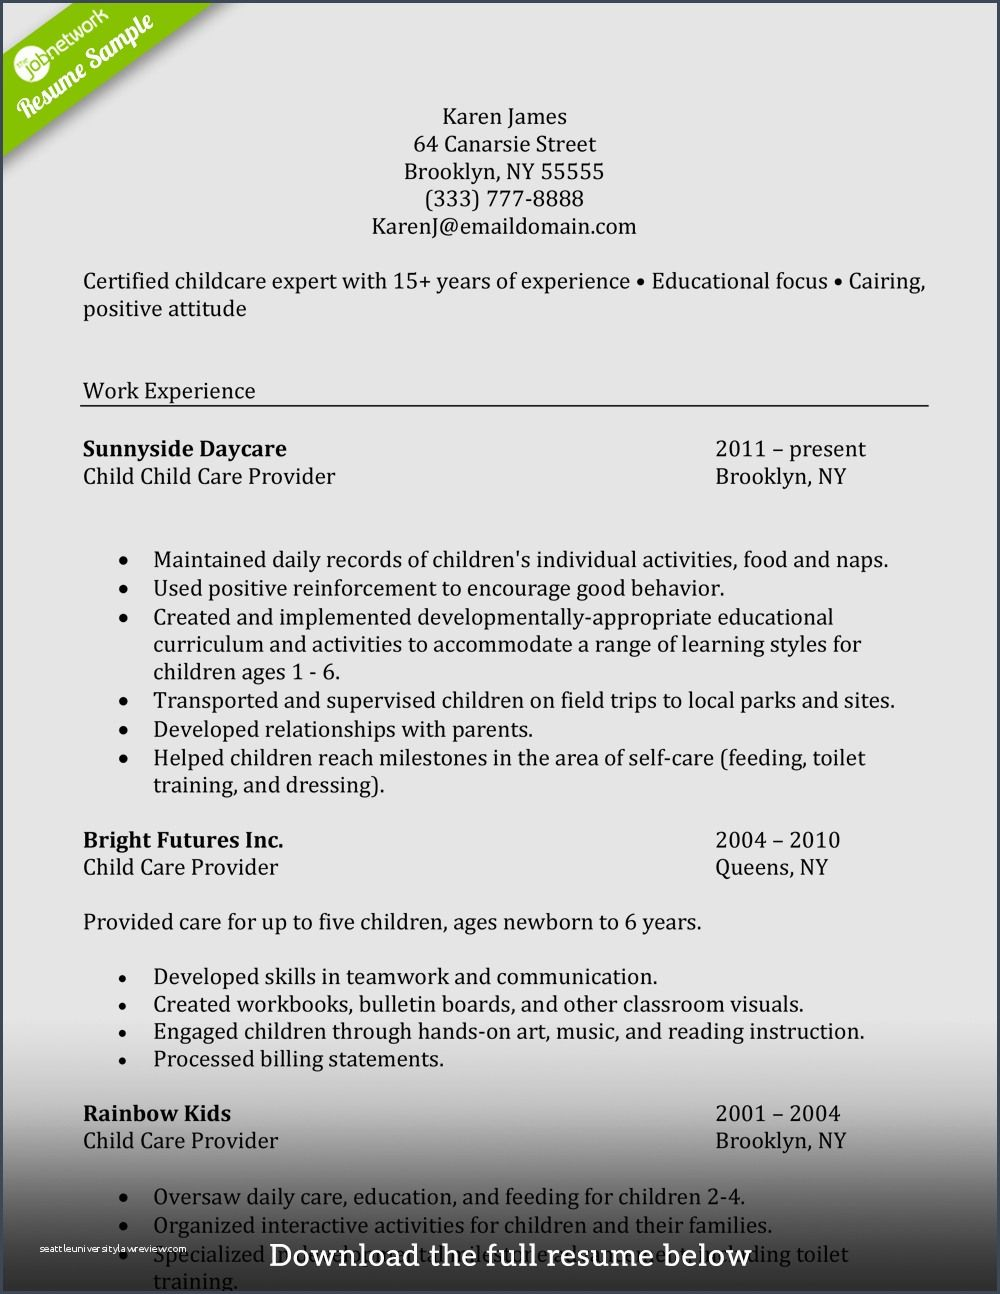 39 Resume For Caregiver Caregiver Jobs Job Description Template Resume Examples